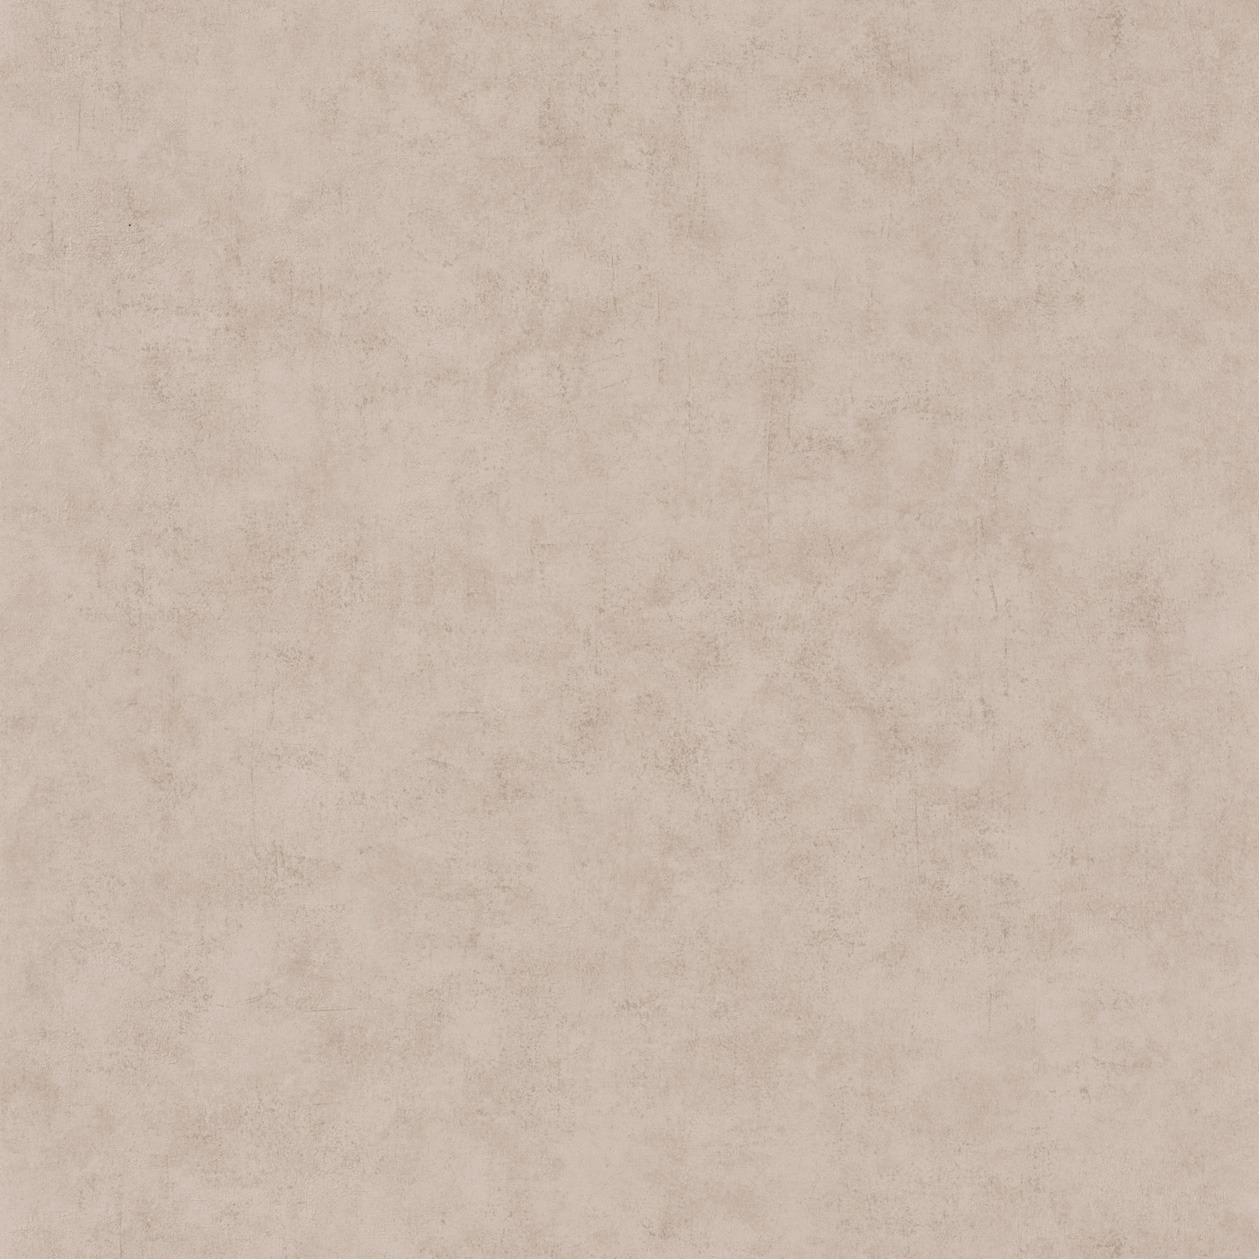 Обои Caselio Beton 0,53 см. 101481342